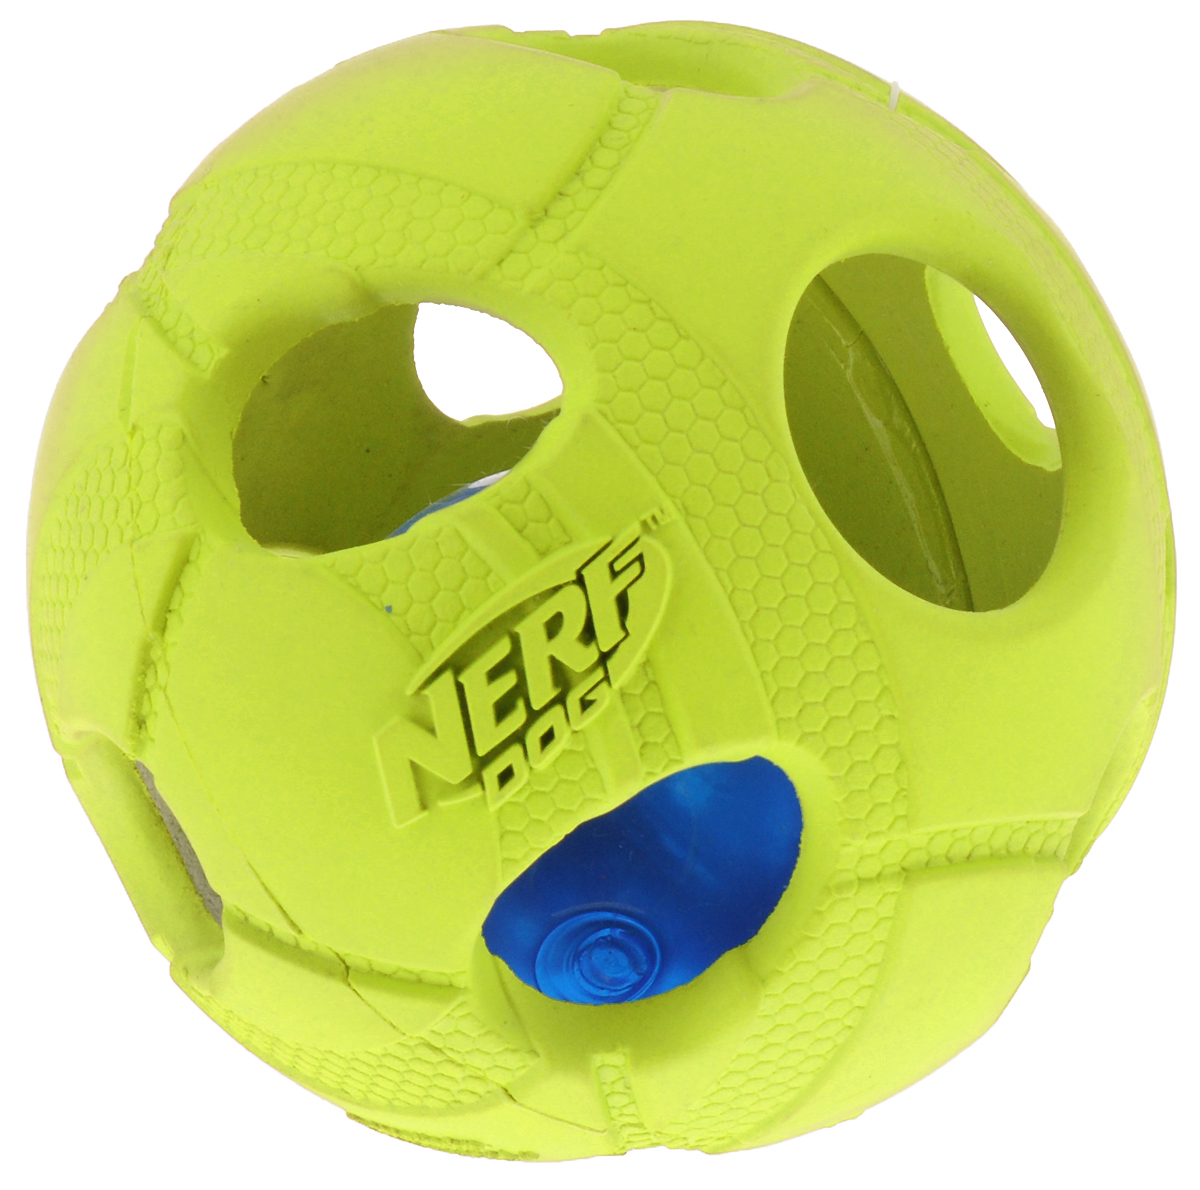 Игрушка для собак Nerf  Мяч , светящийся, цвет: салатовый, 9 см - Игрушки